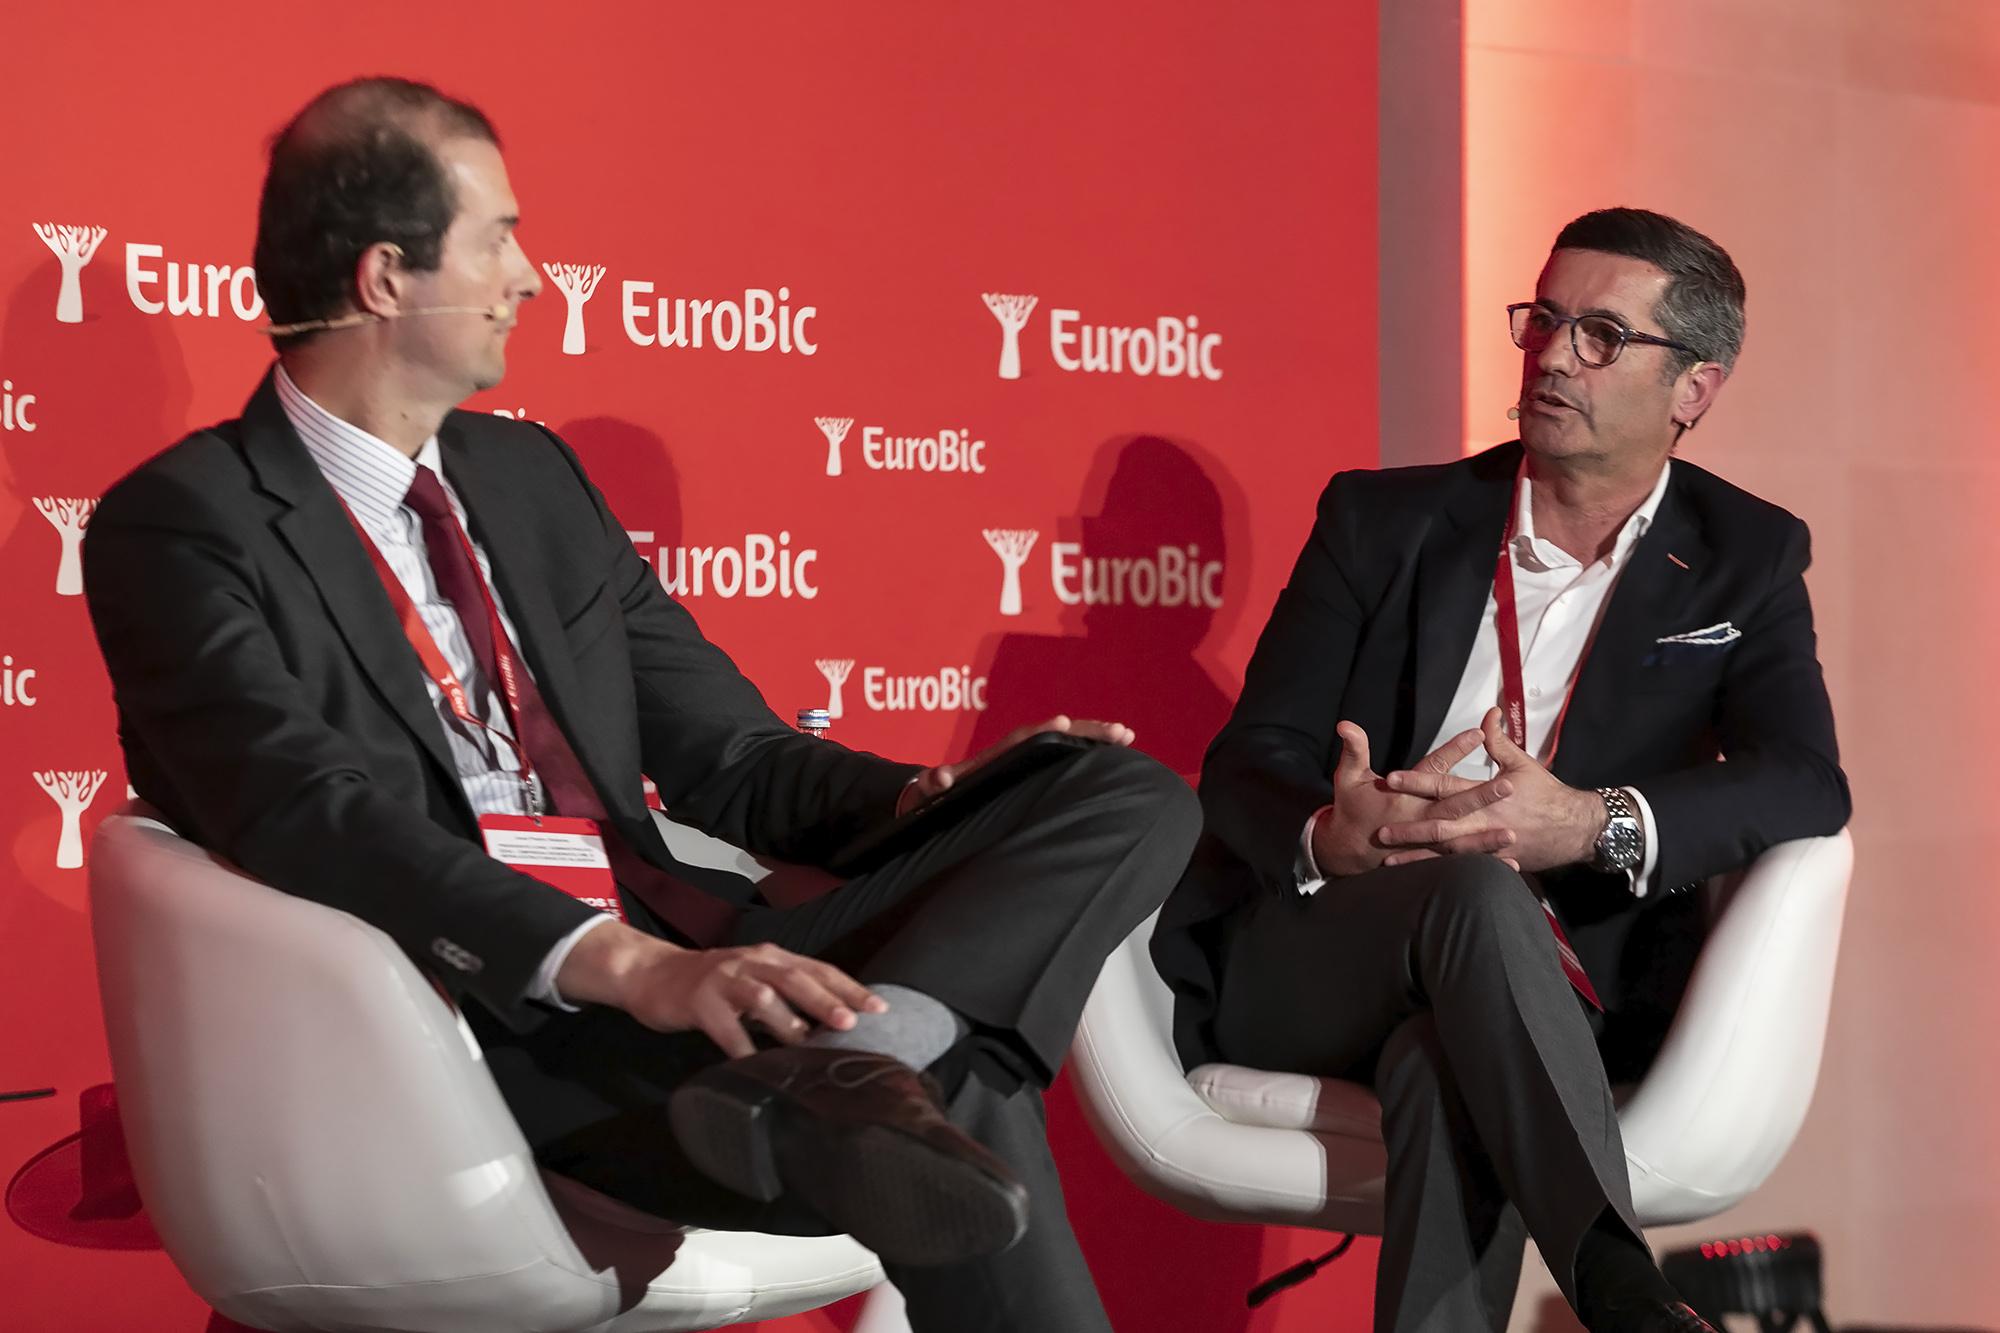 Fórum Desafios e Oportunidades EUROBIC, Évora - 21MAR19